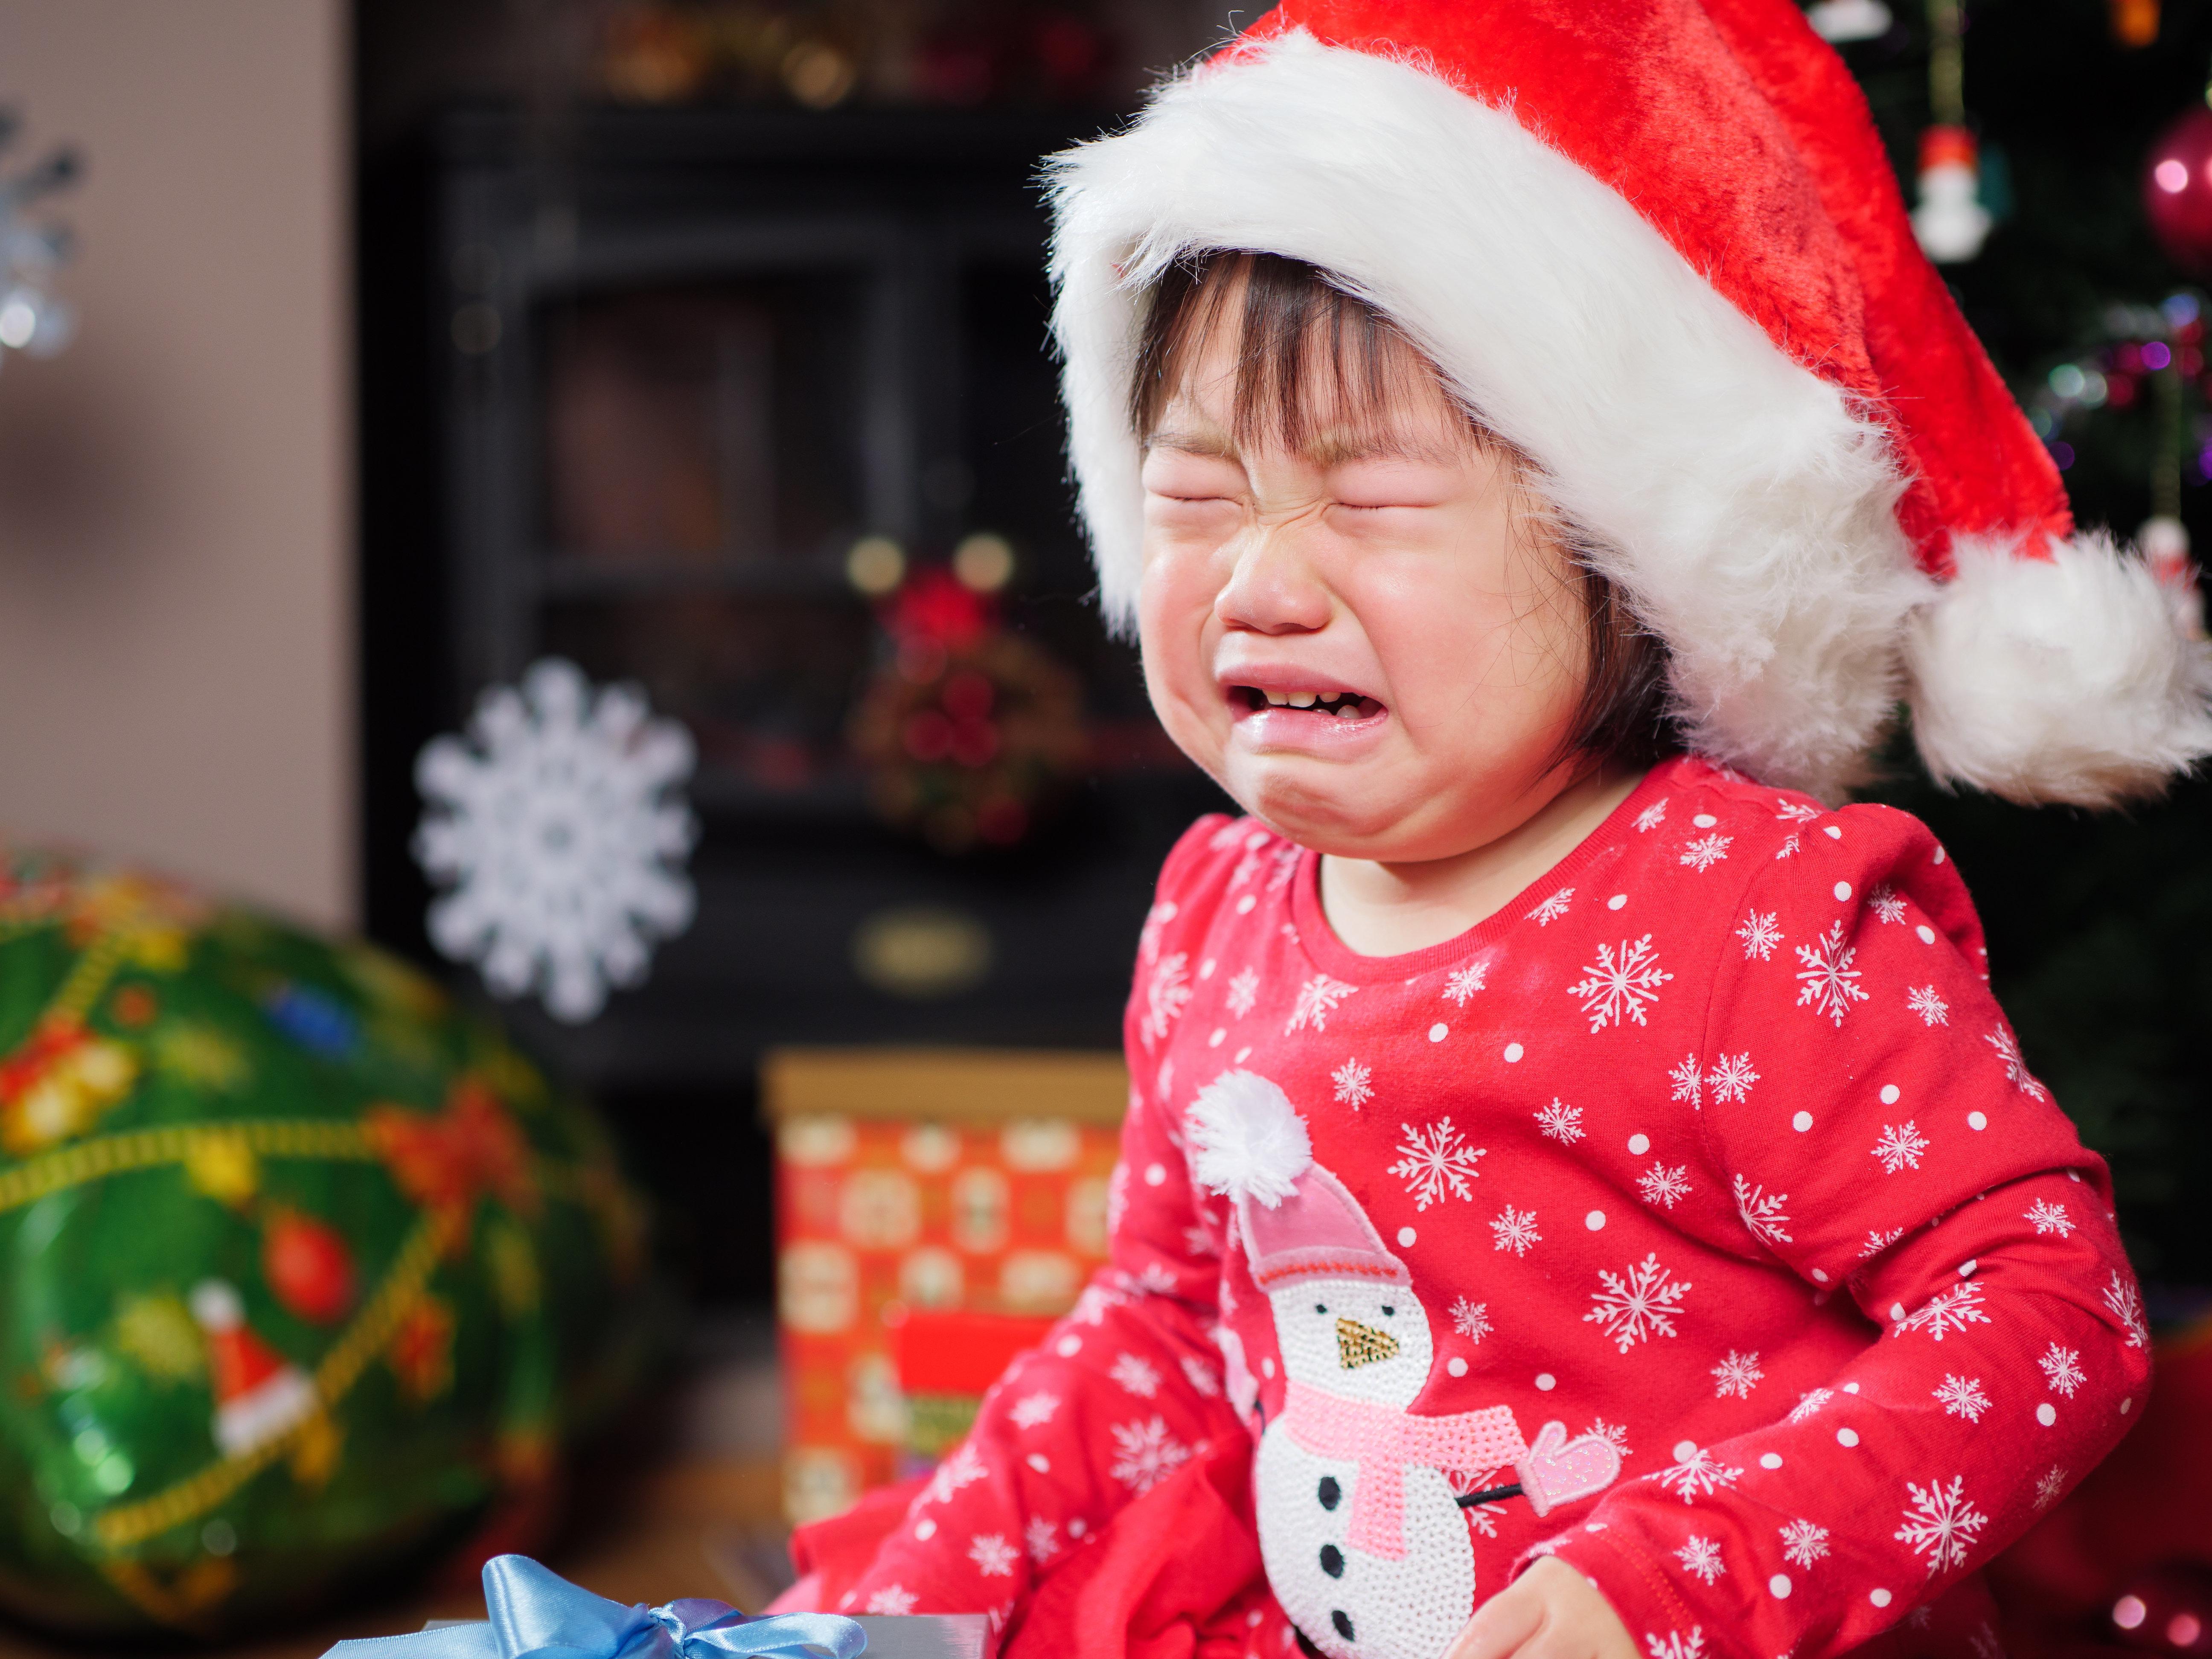 Lehrerin sagt Kindern, es gibt Weihnachtsmann nicht – und wird